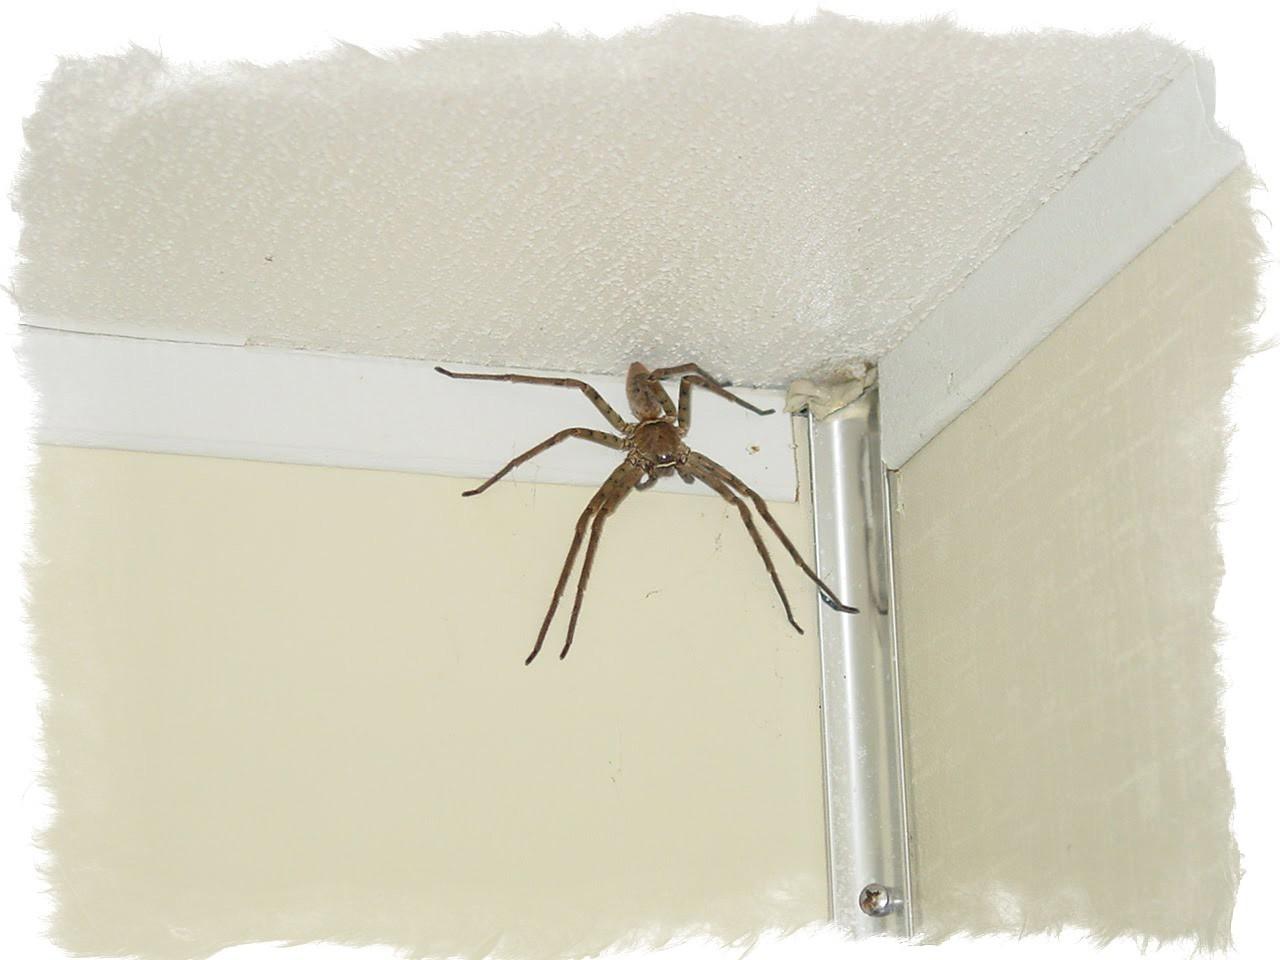 К чему увидеть паука утром, днем и в другое время суток, на работе и в машине и прочее